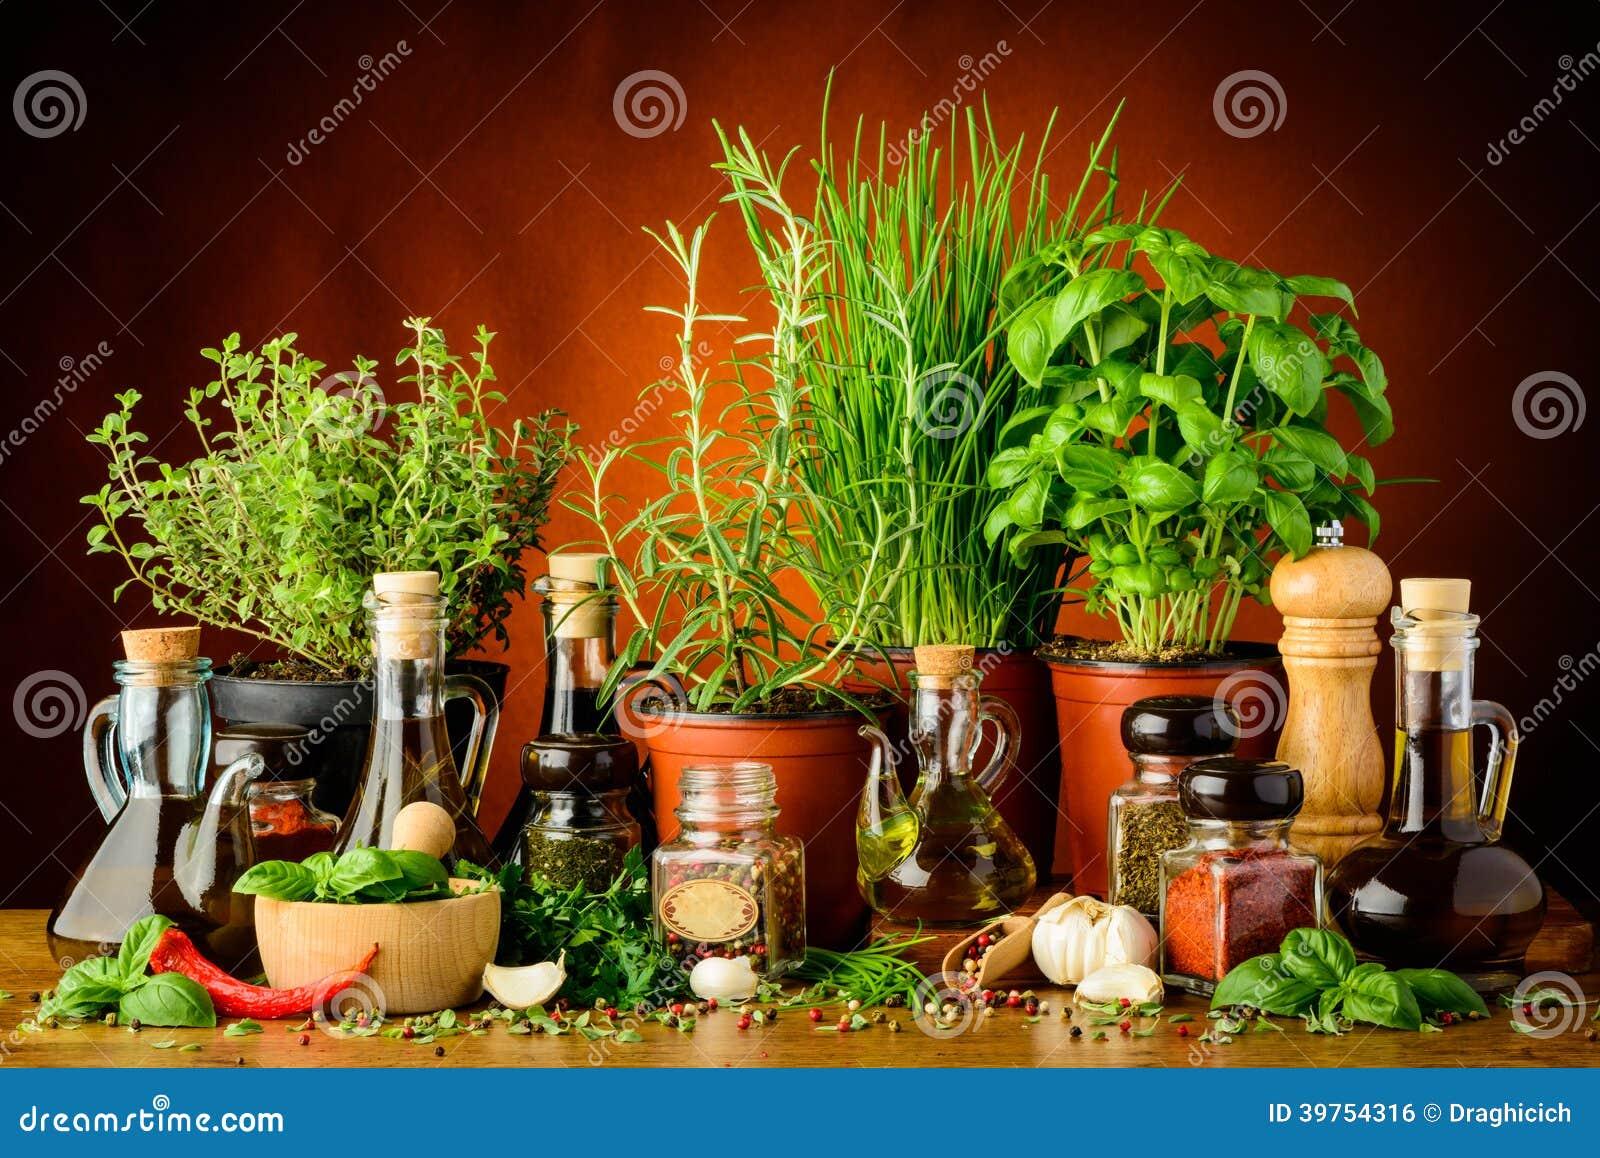 Different herbs royalty free stock image image 16265346 - Hierbas Especias Y Aceite De Oliva Imagen De Archivo Libre De Regal As